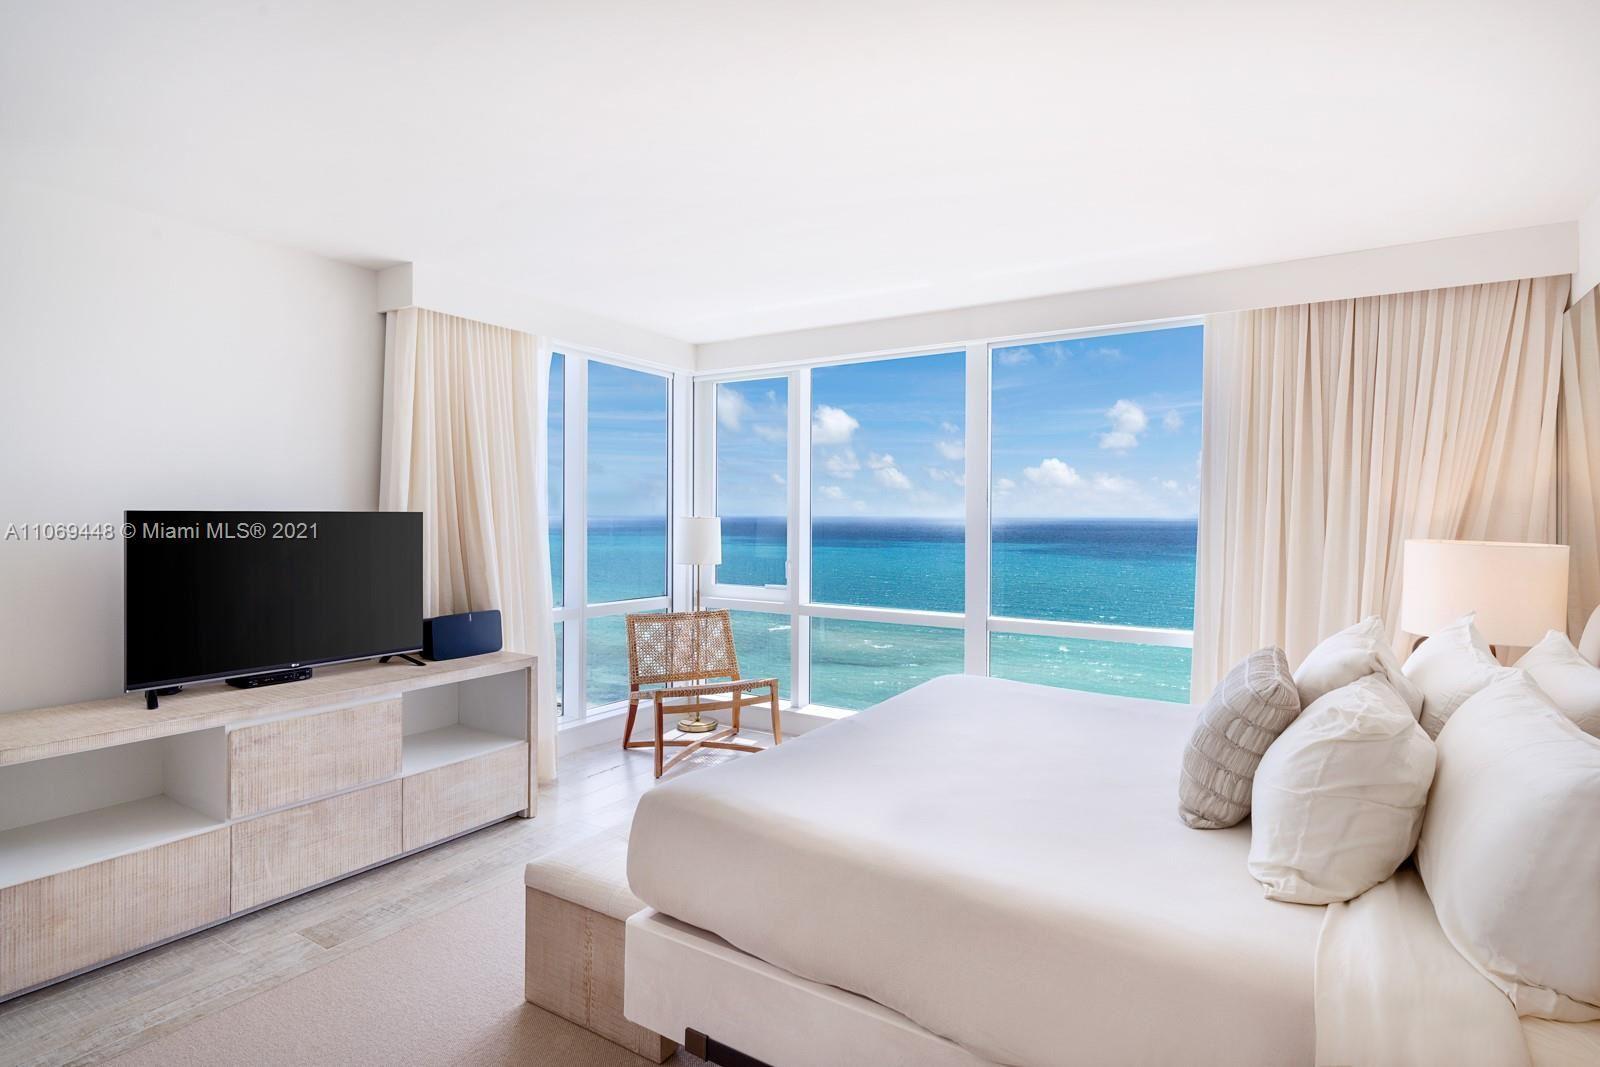 102 24th St #1419, Miami Beach, FL 33139 - #: A11069448